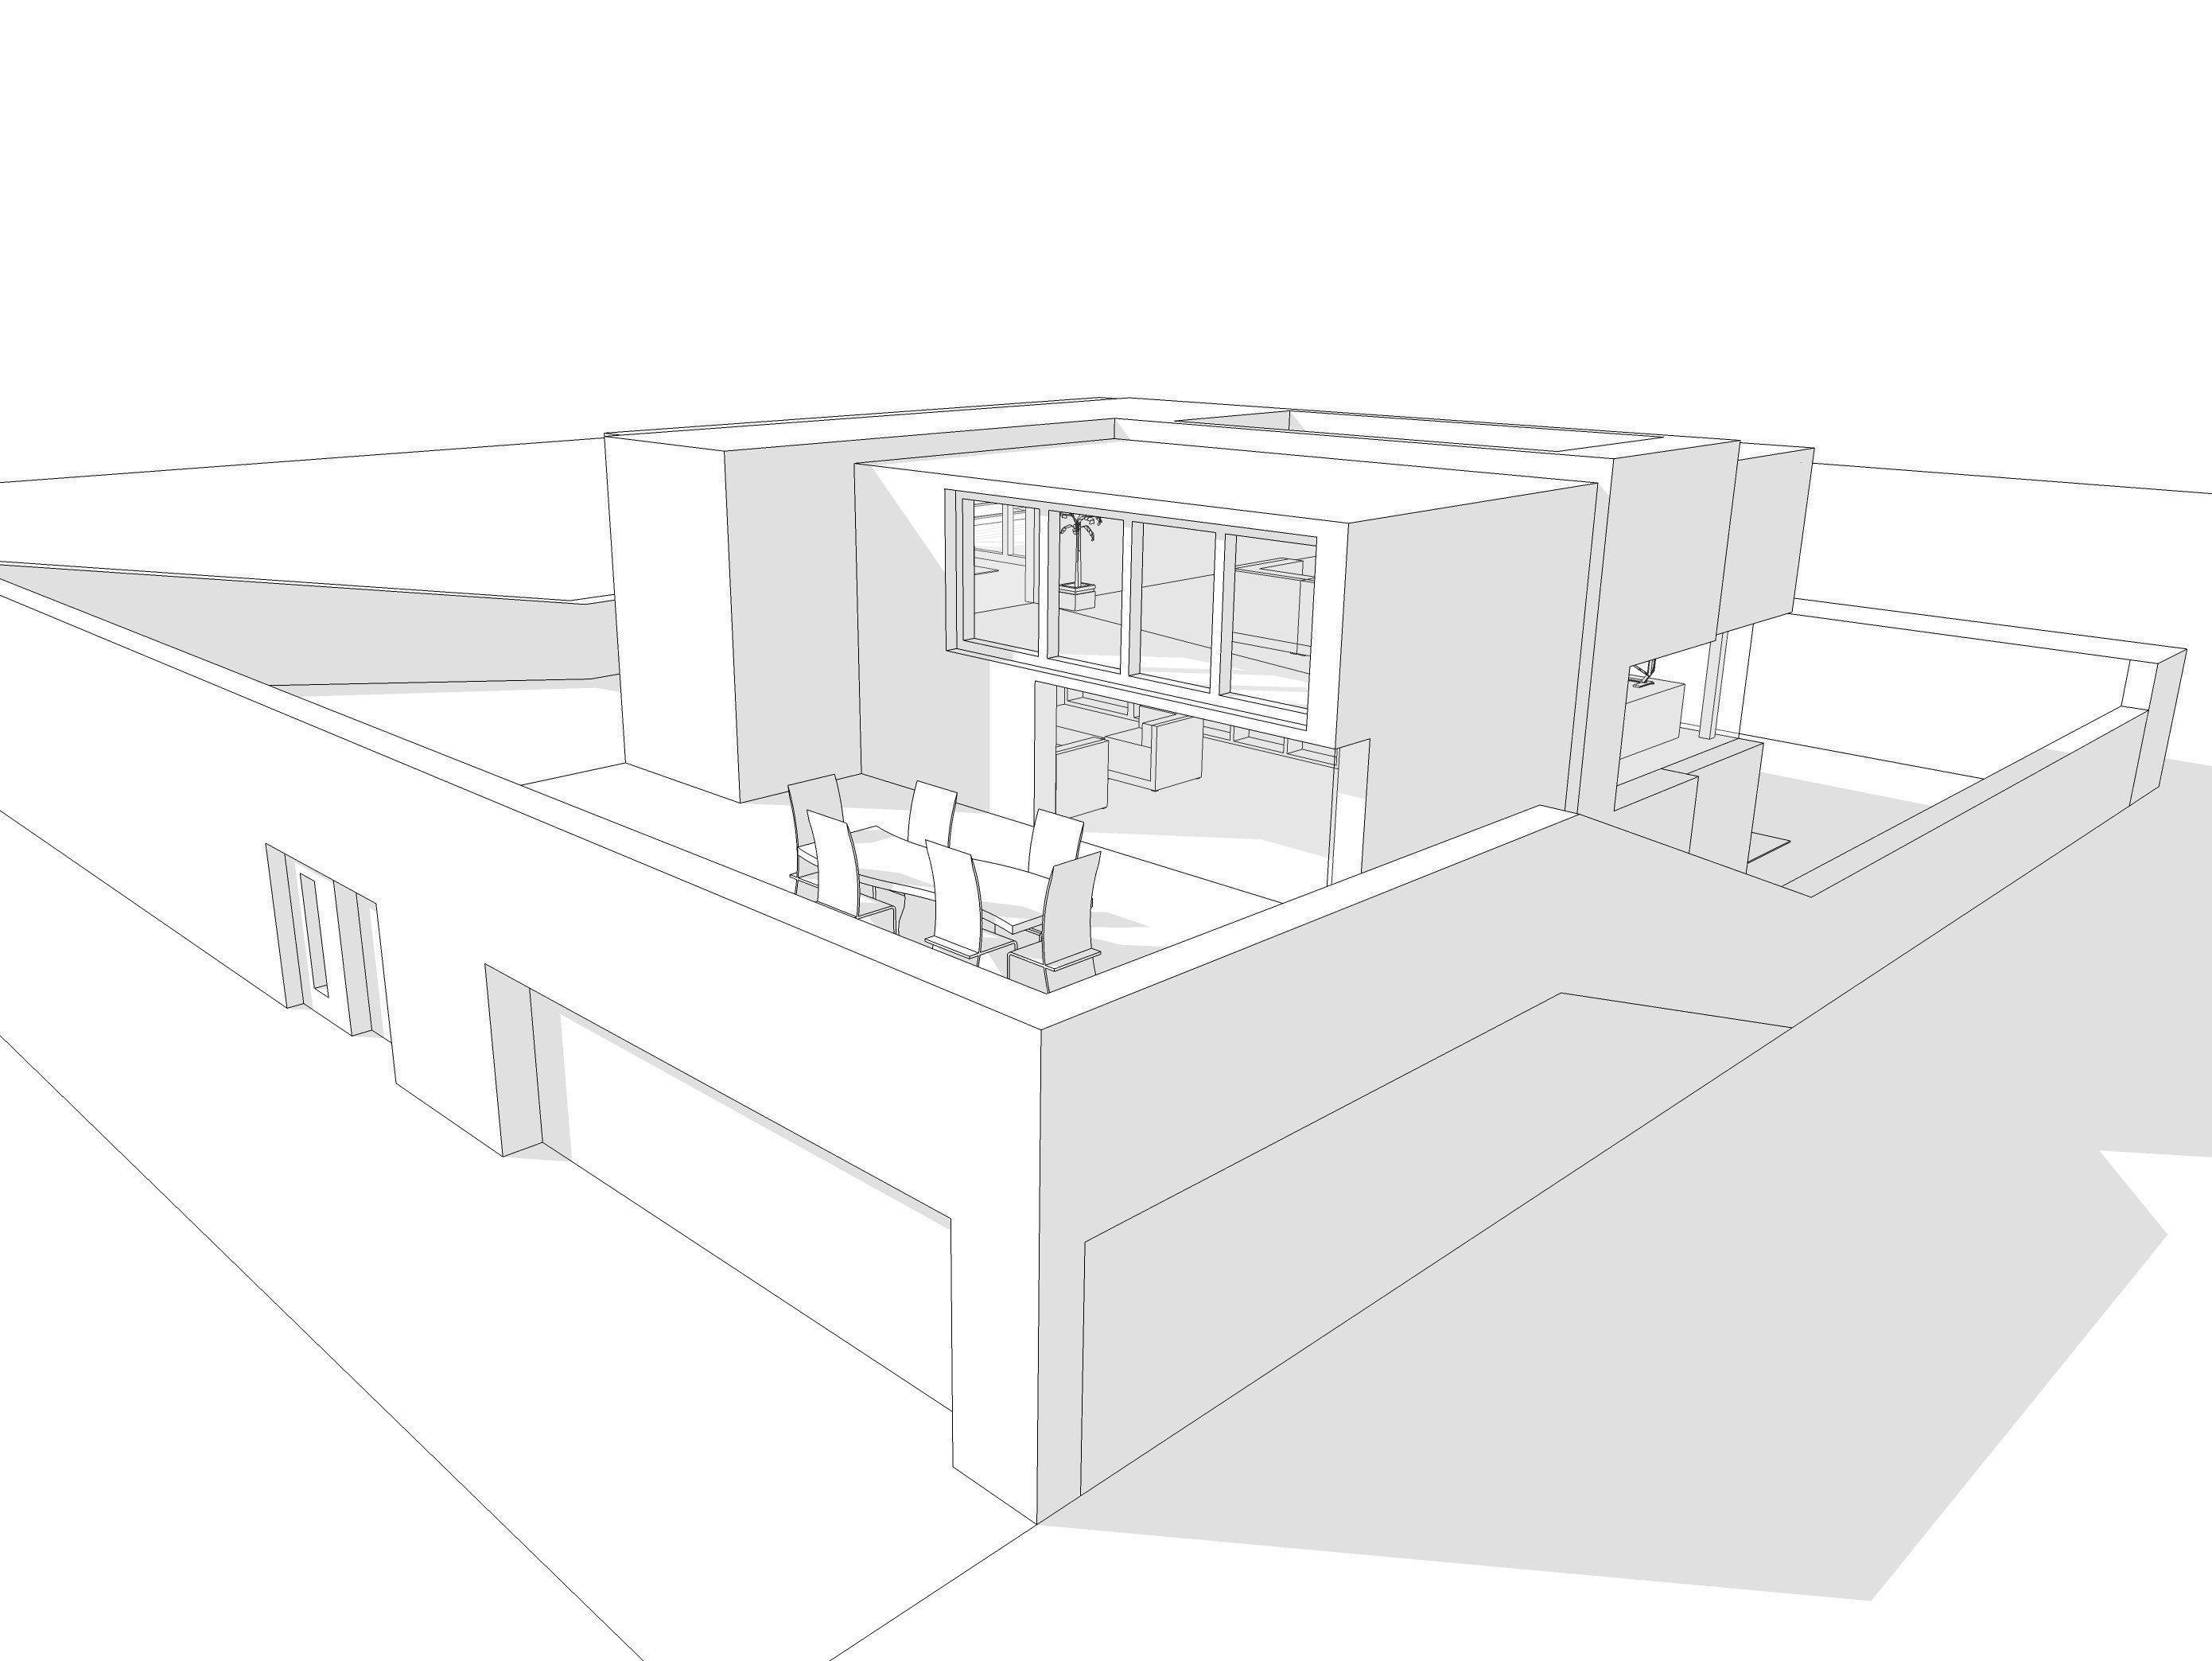 Modern House 3d Model 3ds Dae Dwg Skp 5